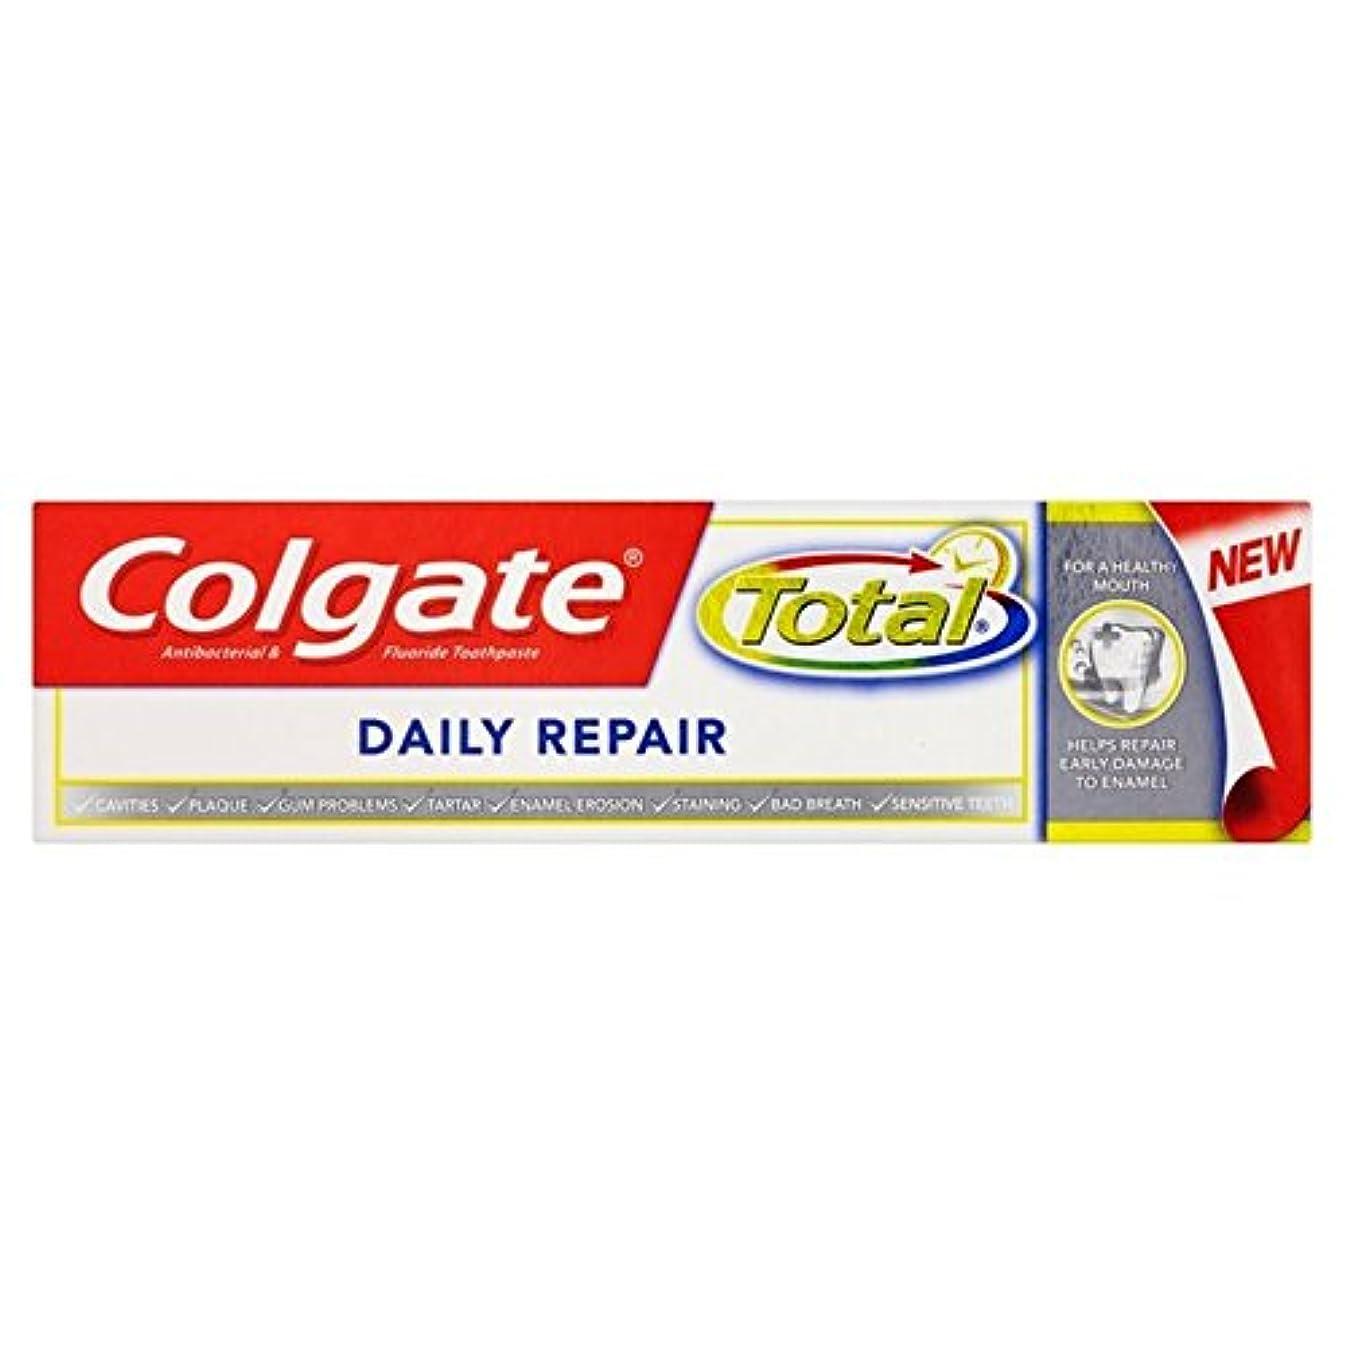 びっくりした誓い財団Colgate Total Daily Repair Toothpaste 75ml - コルゲートトータル毎日修理歯磨き粉75ミリリットル [並行輸入品]